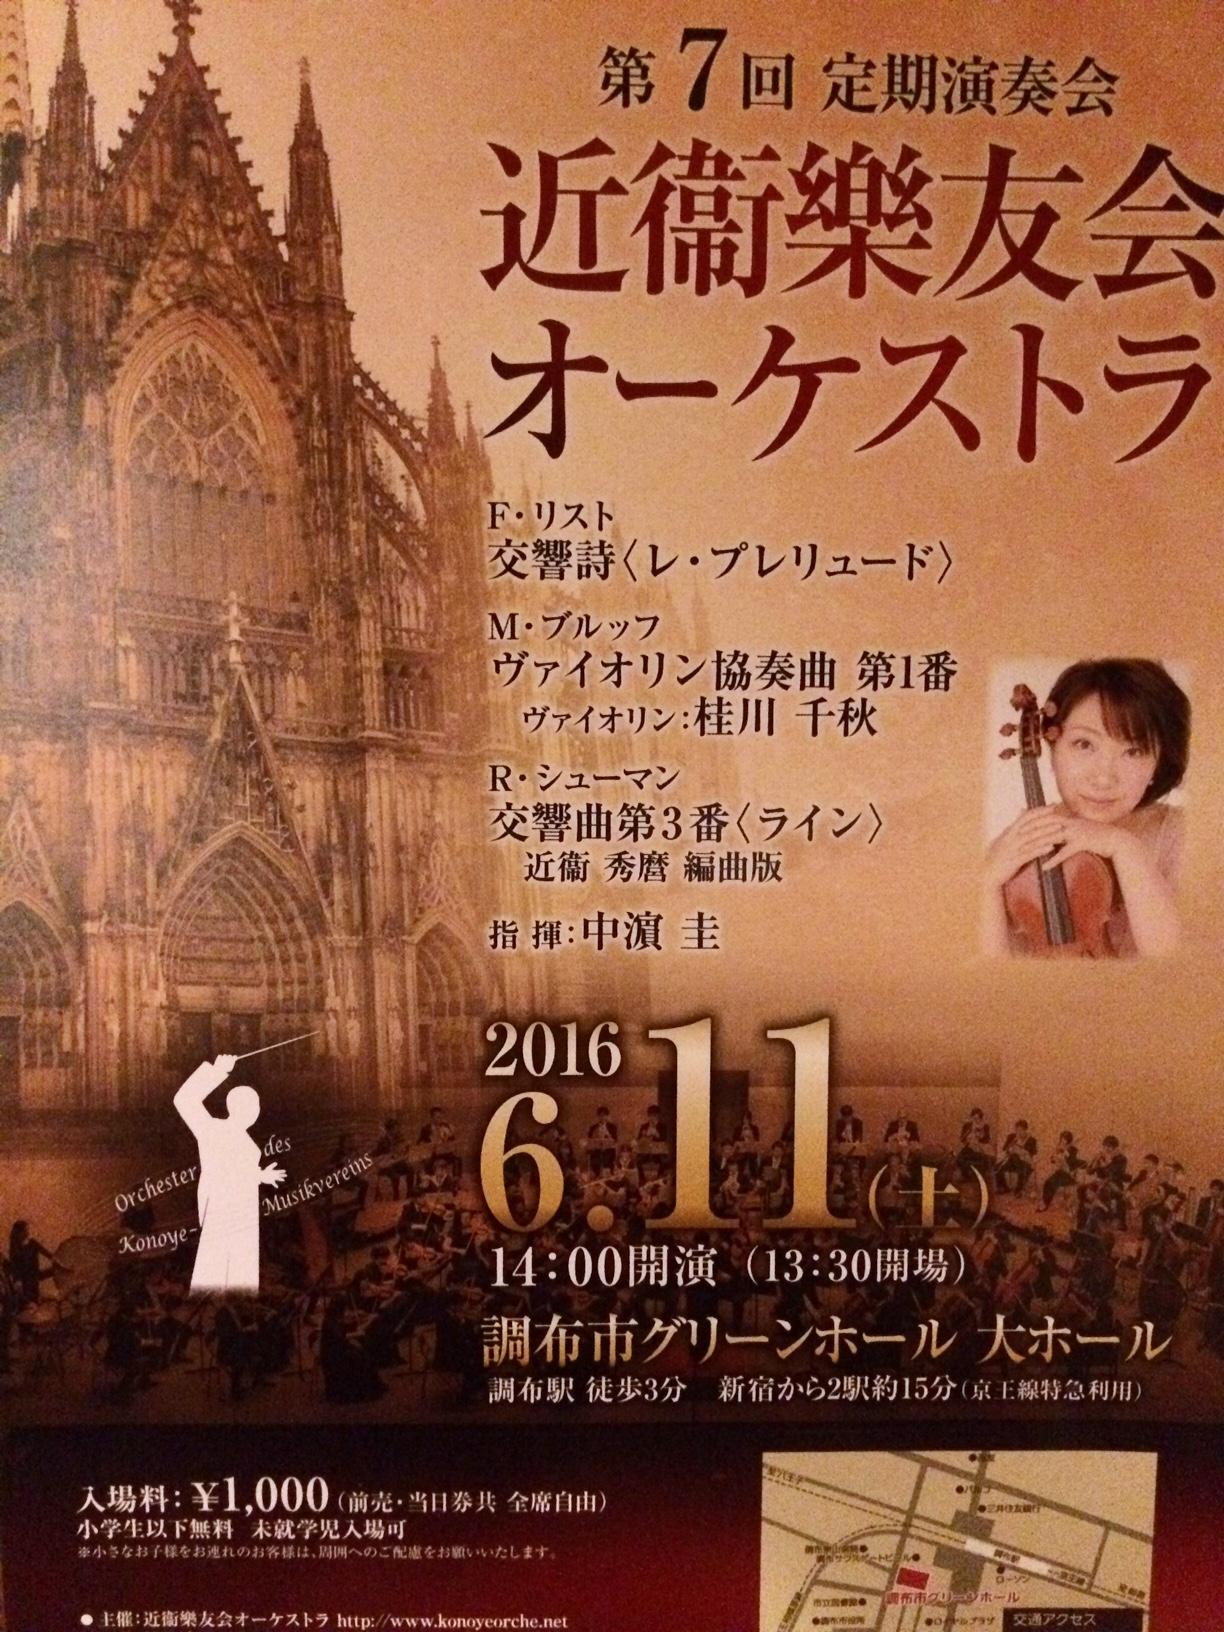 【2016/06/11】近衞樂友会オーケストラ 第7回定期演奏会@調布